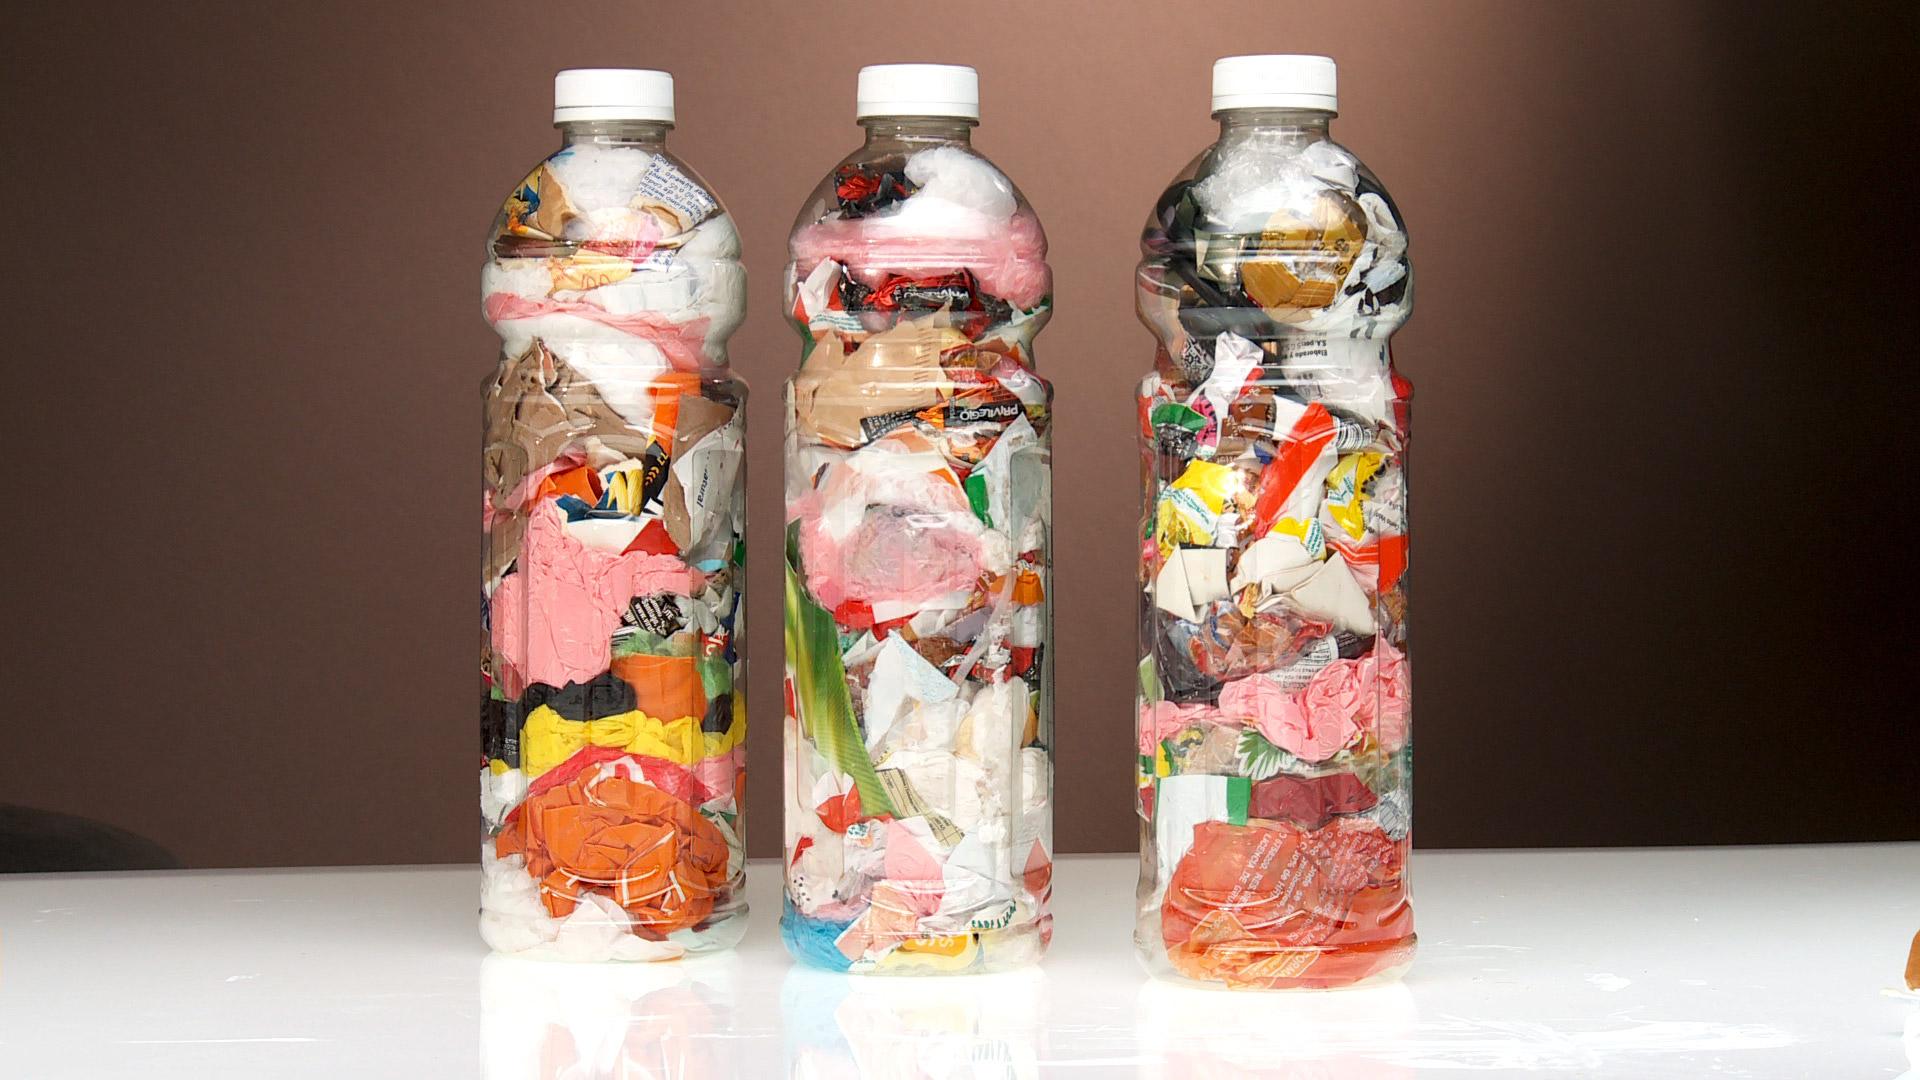 Un Ecoladrillo es una botella plástica rellena con otros desechos plásticos, que gracias a sus propiedades aislantes, y agrupados pueden ser parte de construcciones ecológicas. Un Ecoladrillo puede contener un volumen de residuos que fuera de la botella podría ocupar hasta 8 veces su tamaño, entonces al fabricarlos y utilizarlos estamos disminuyendo la basura del planeta.